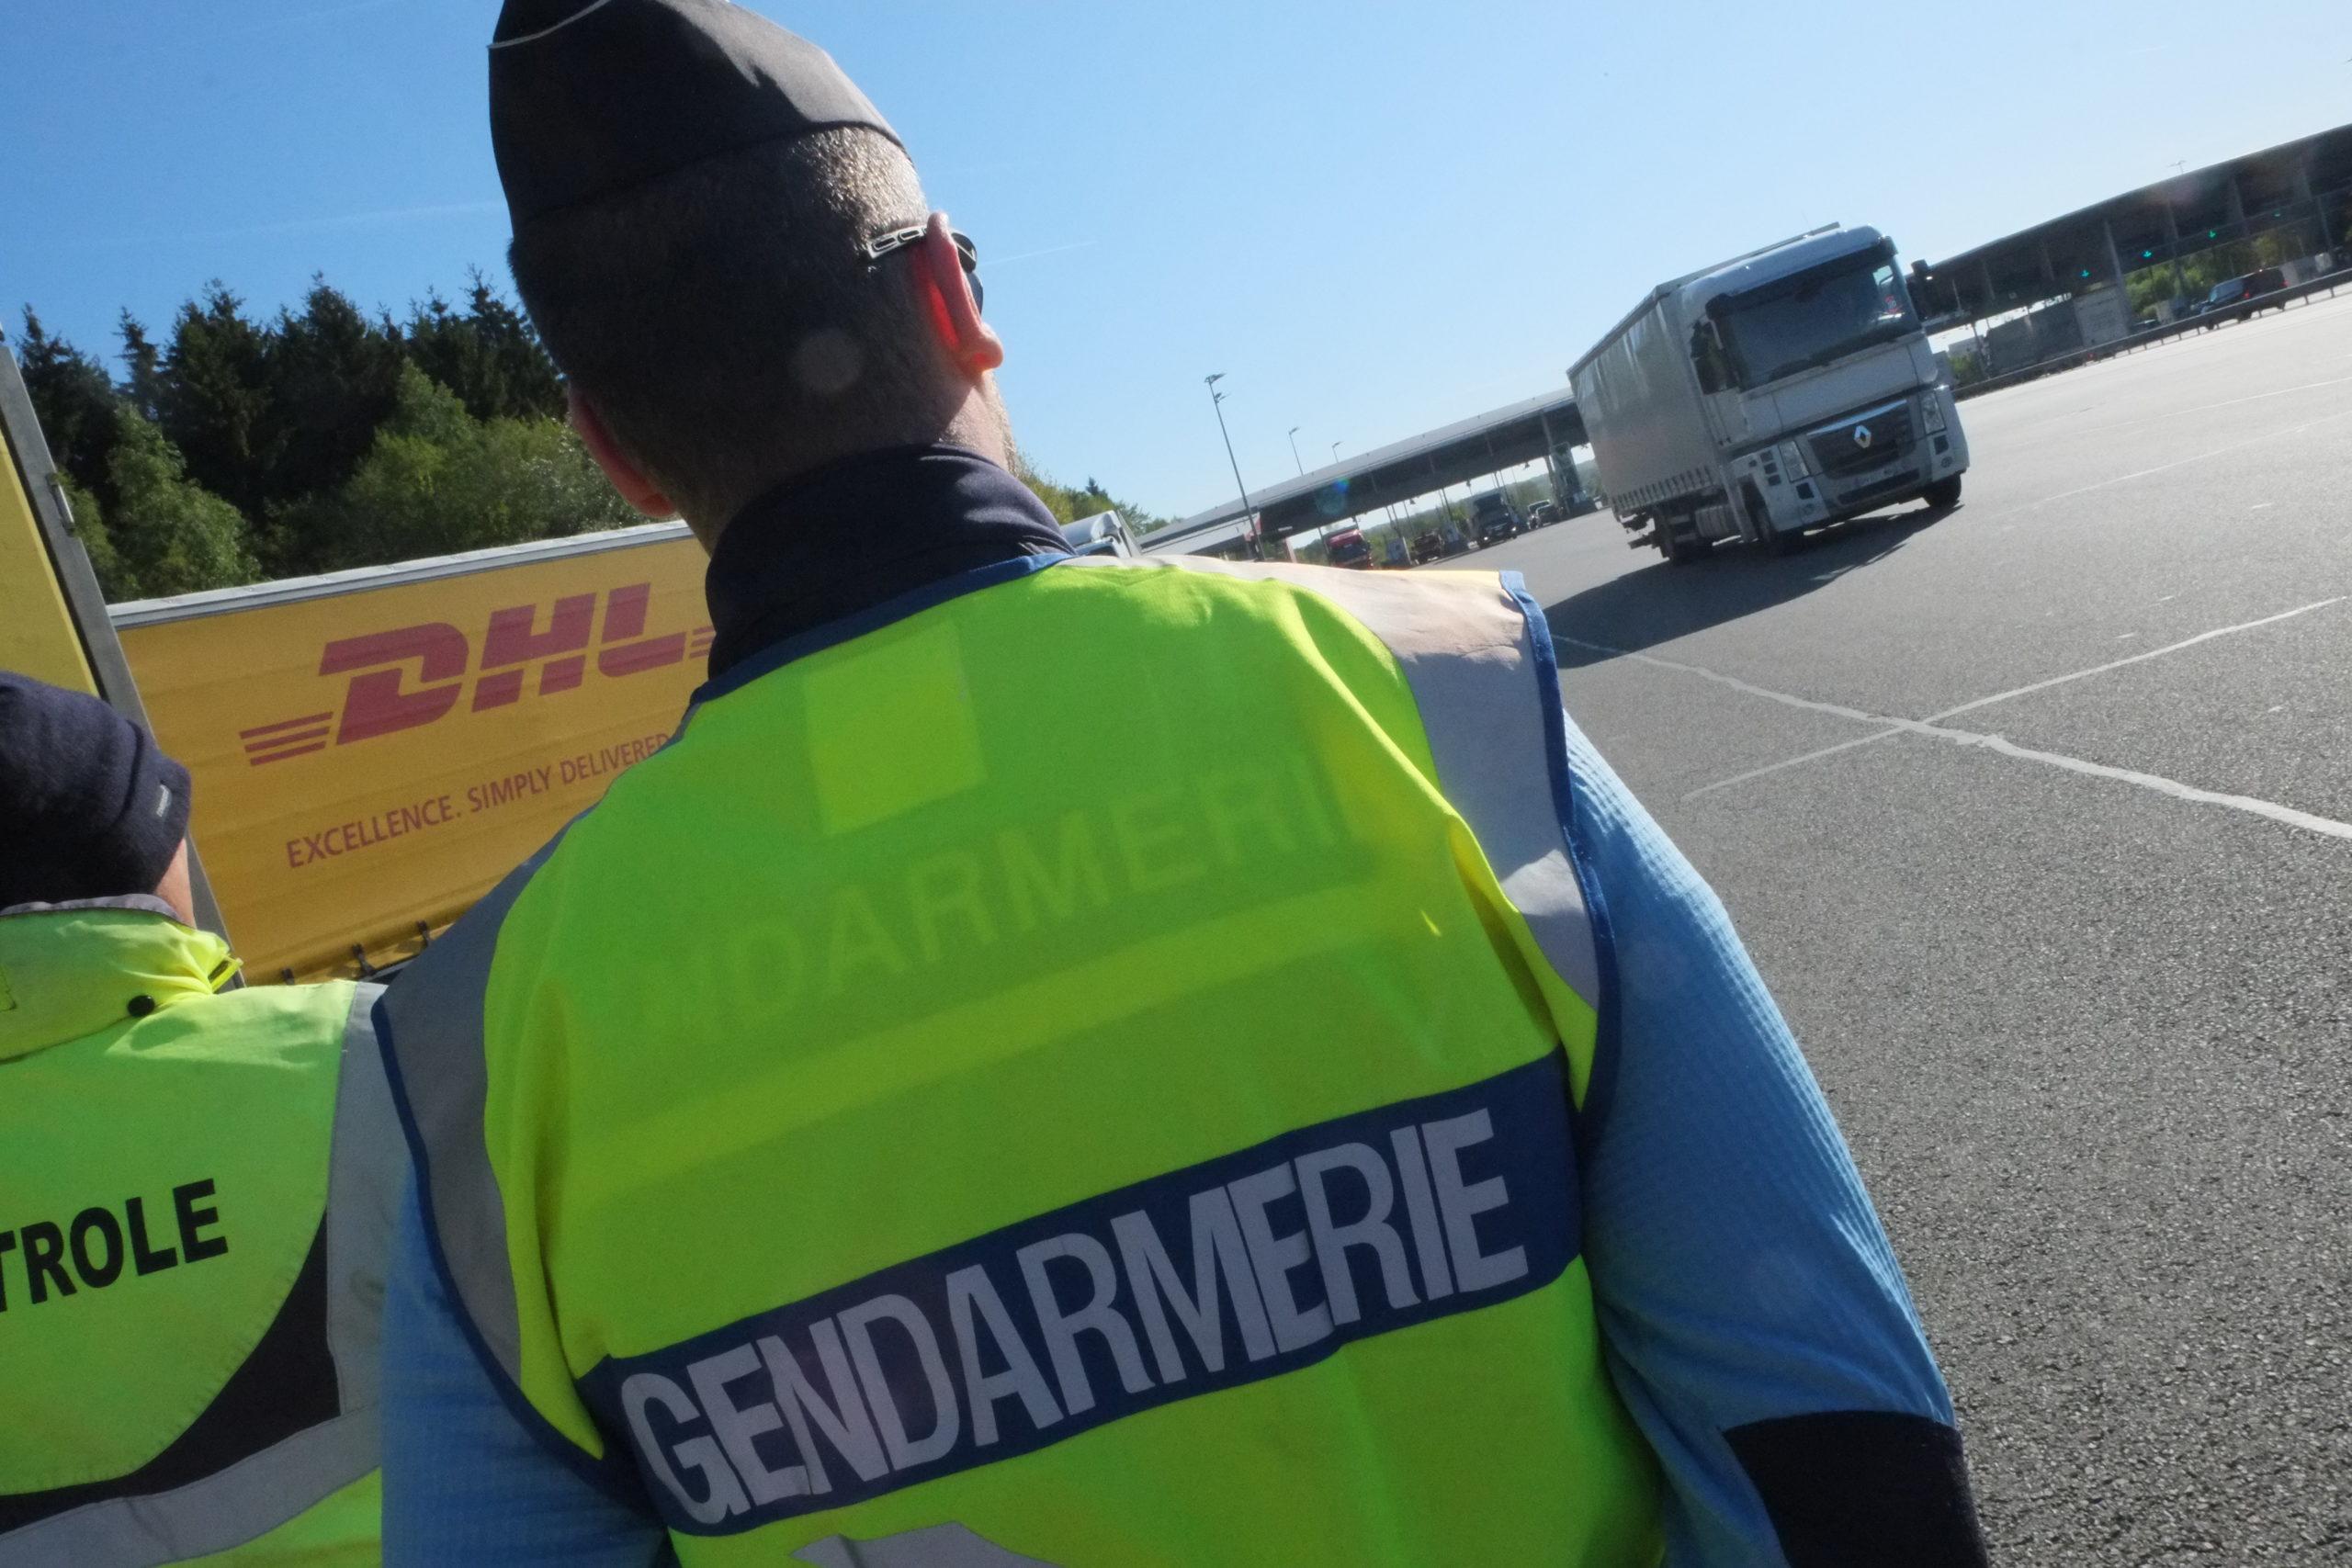 Un gendarme a été sérieusement blessé dans un accident, dimanche à Montbéliard, par un automobiliste qui avait pris la fuite après avoir refusé d'obtempérer à un contrôle routier,